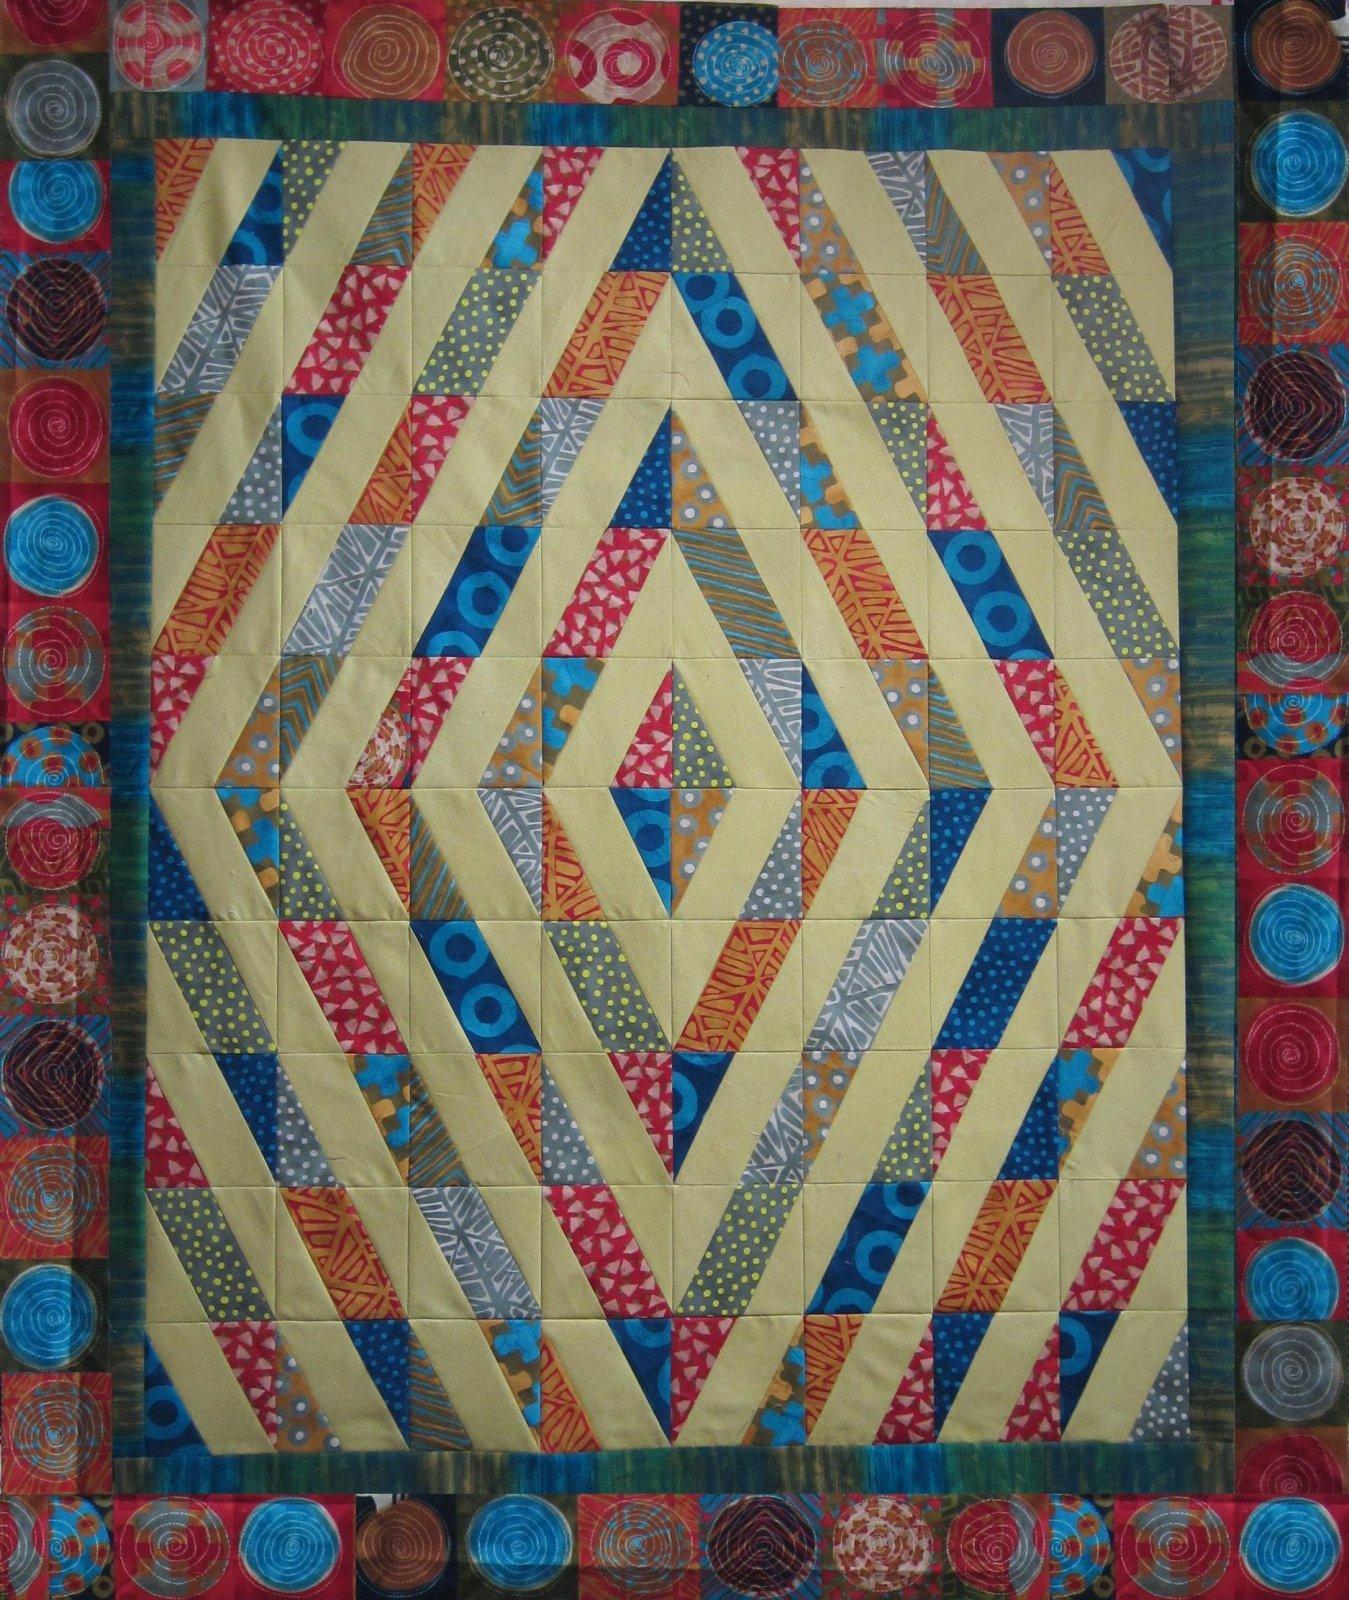 Timbuktu BasiX Pattern